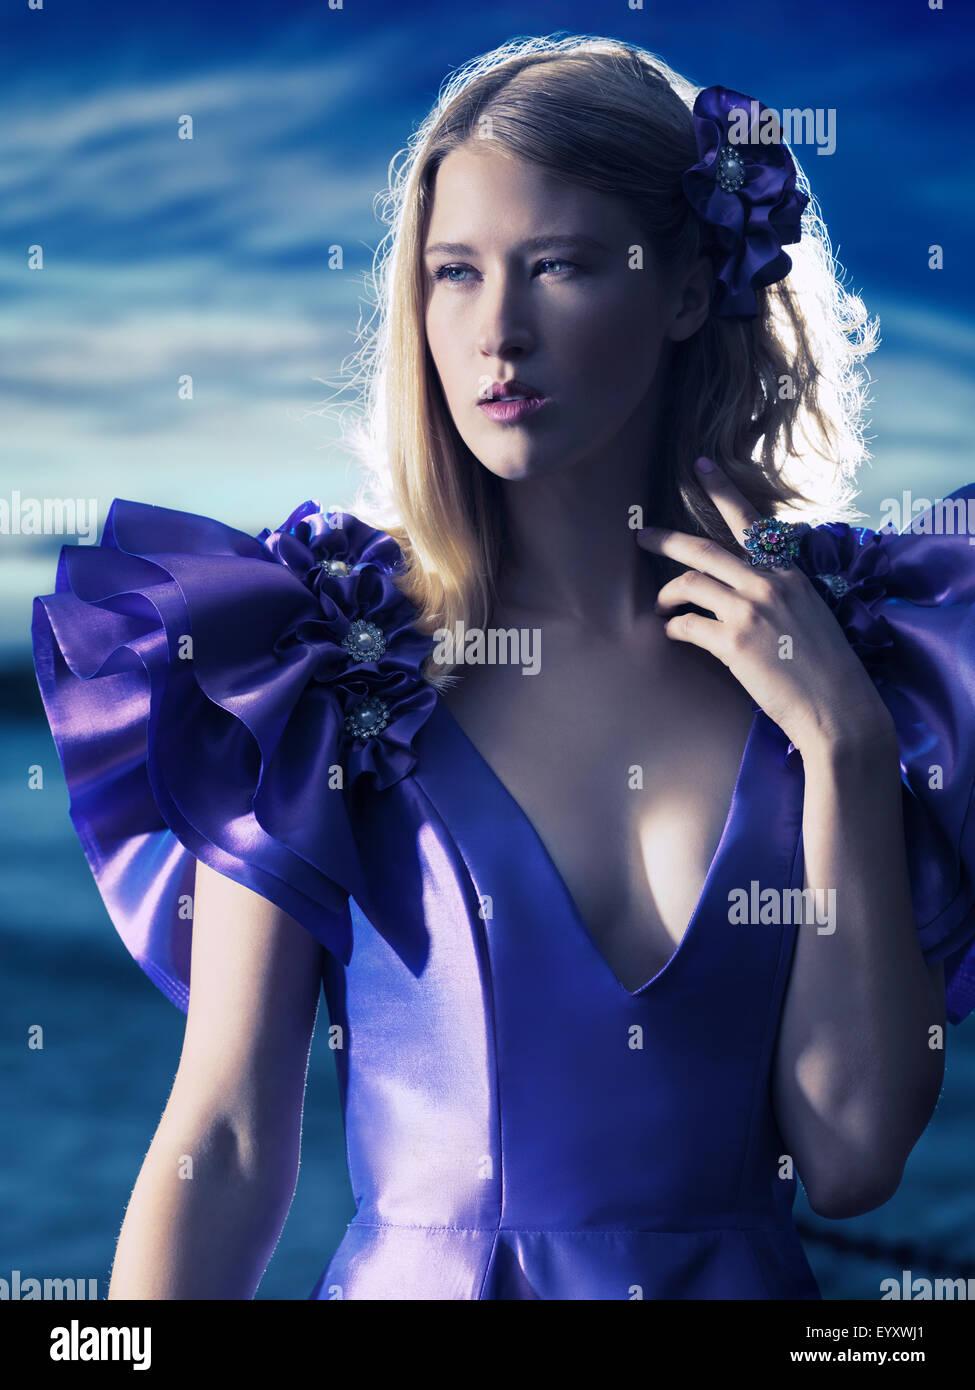 Bellezza ritratto di una giovane bella donna bionda che indossa un blu abito da sera all'aperto Immagini Stock